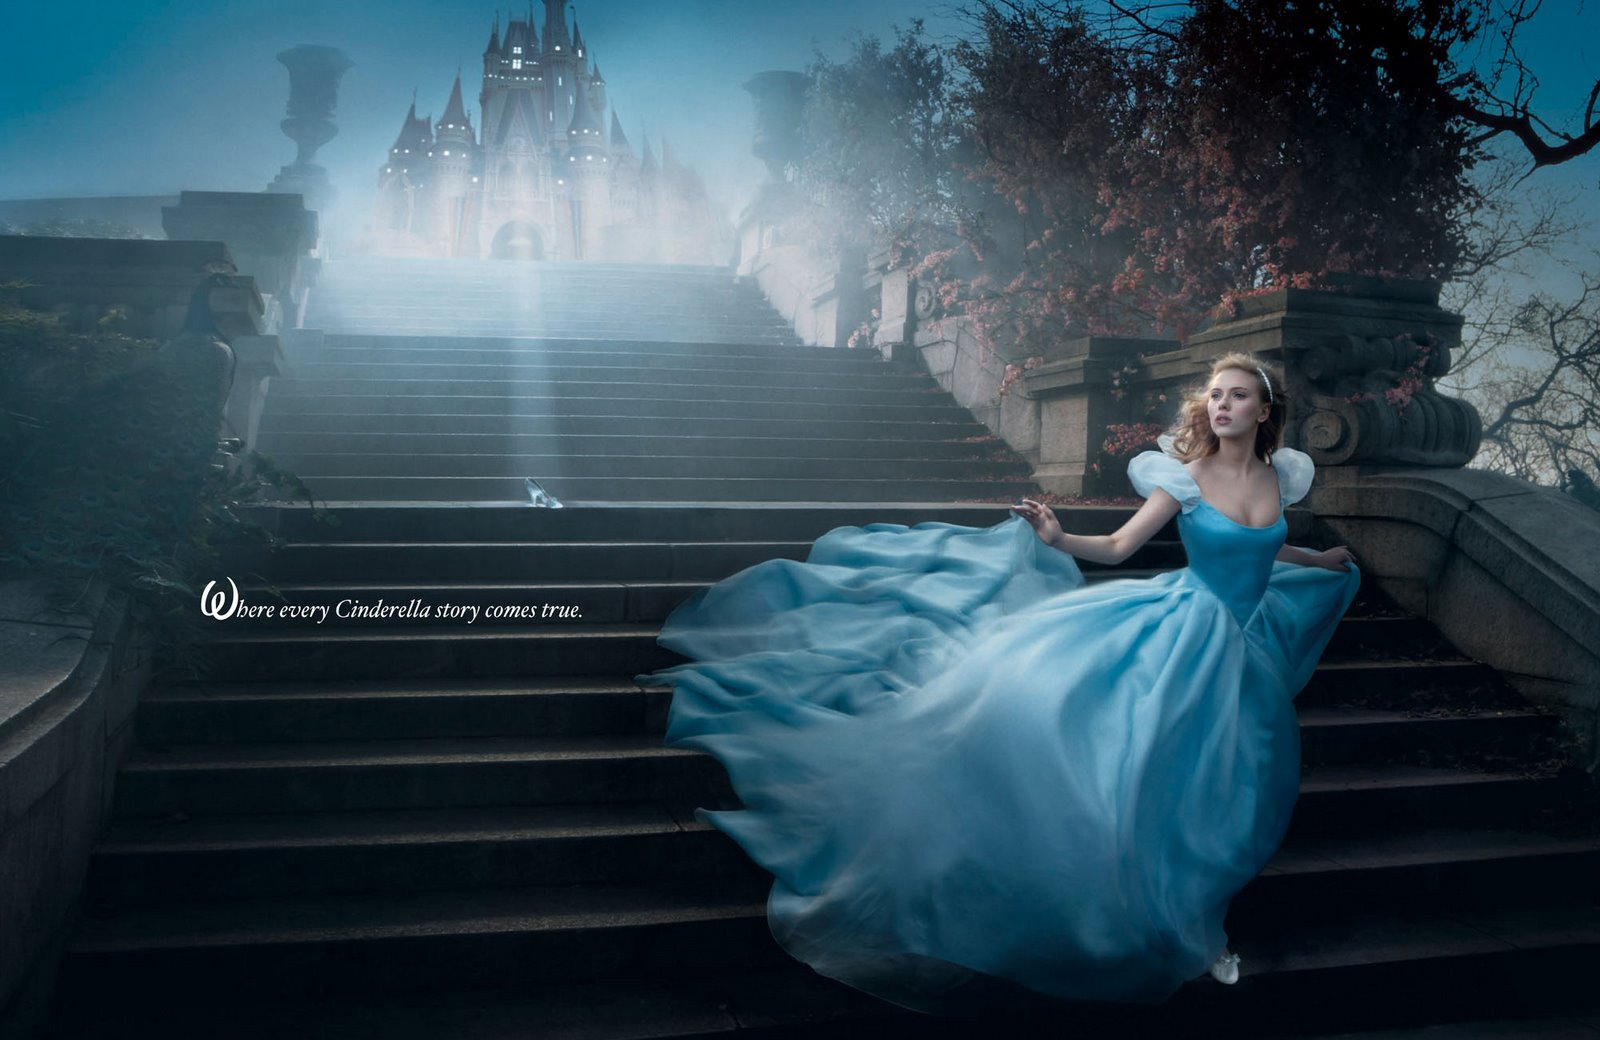 http://1.bp.blogspot.com/_D1kAWinimNY/TKoF6i7aTuI/AAAAAAAABN4/dJ4W81DTNmI/s1600/Cinderella.jpg